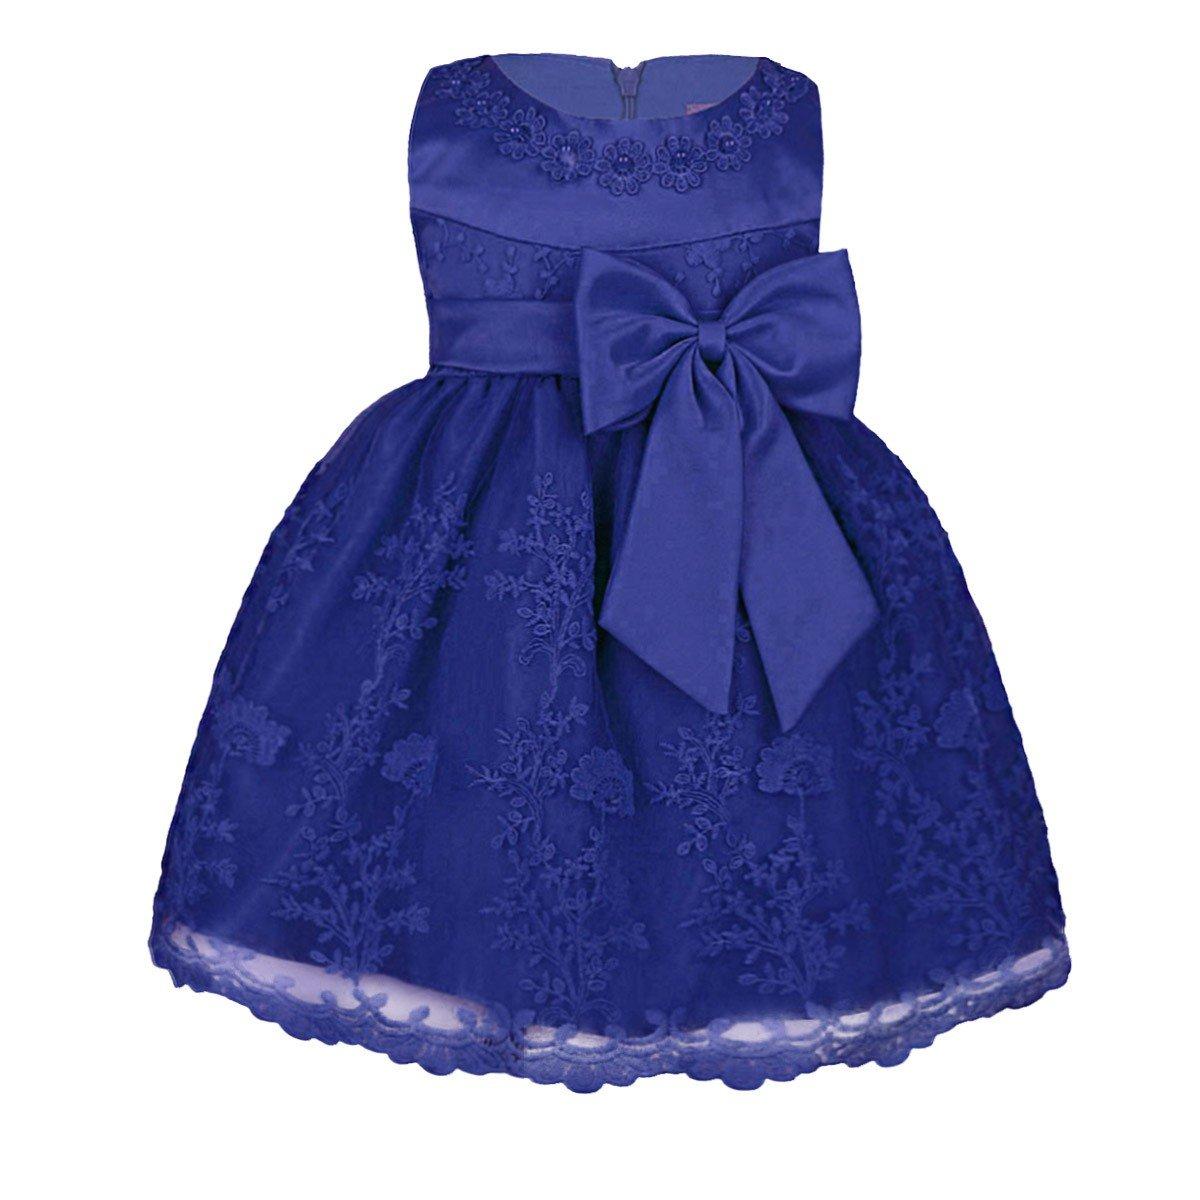 Freebily Baby Mädchen Kleid Taufekleid Kind festliches Kleider Prinzessin Hochzeit Blumenmädchen Kleinkind Kleidung 68 74 80 86 92